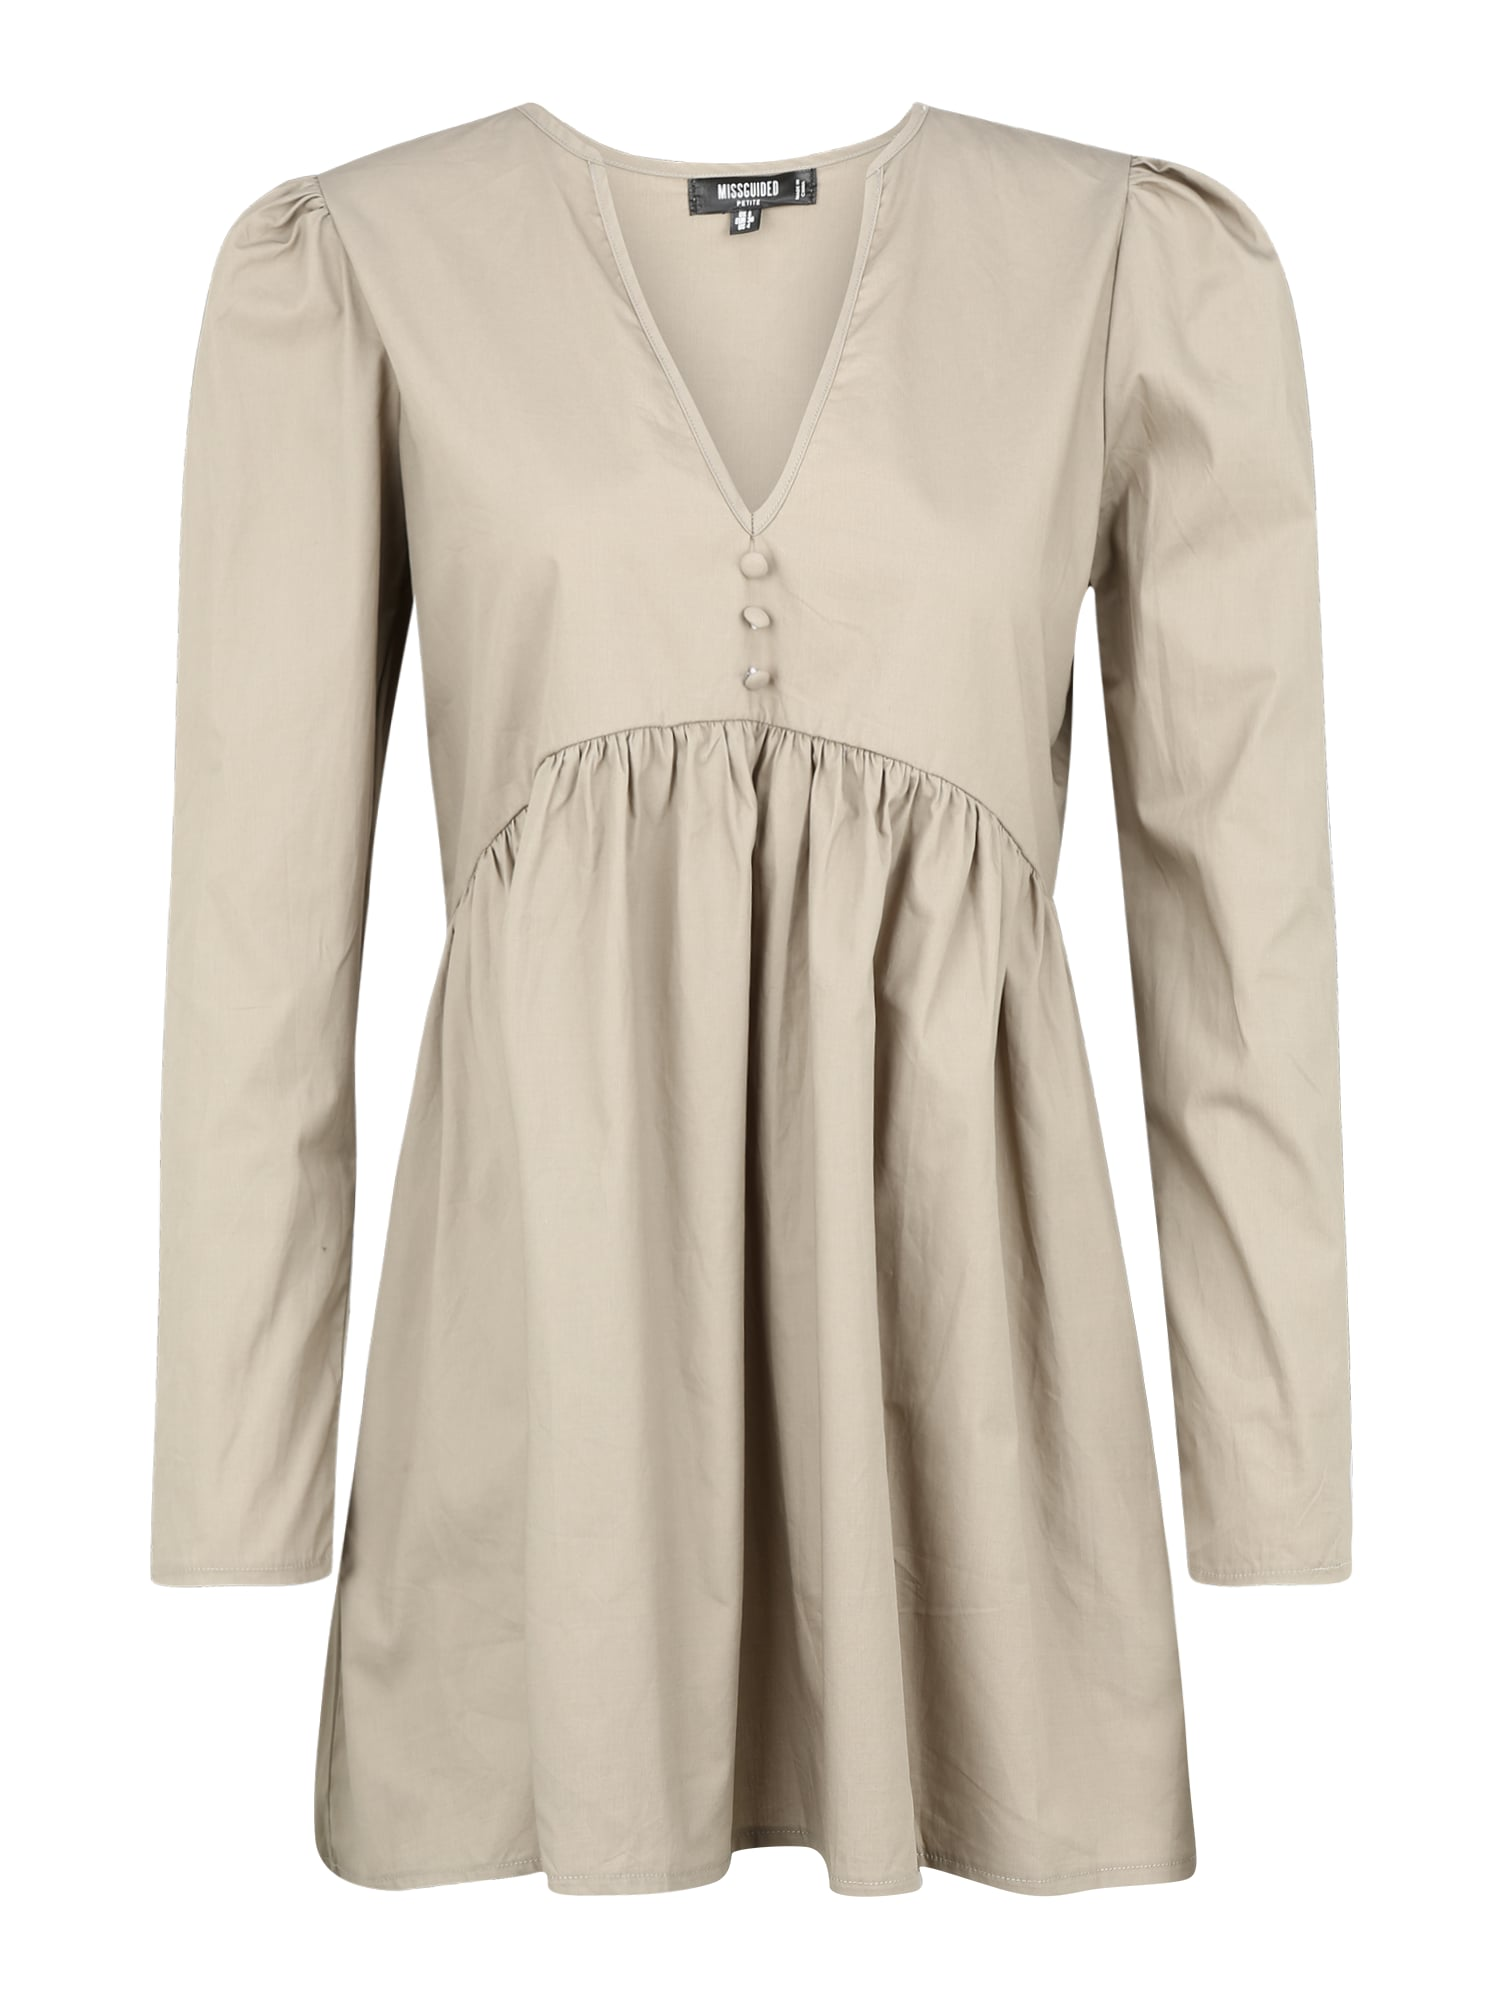 Missguided (Petite) Suknelė kapučino spalva